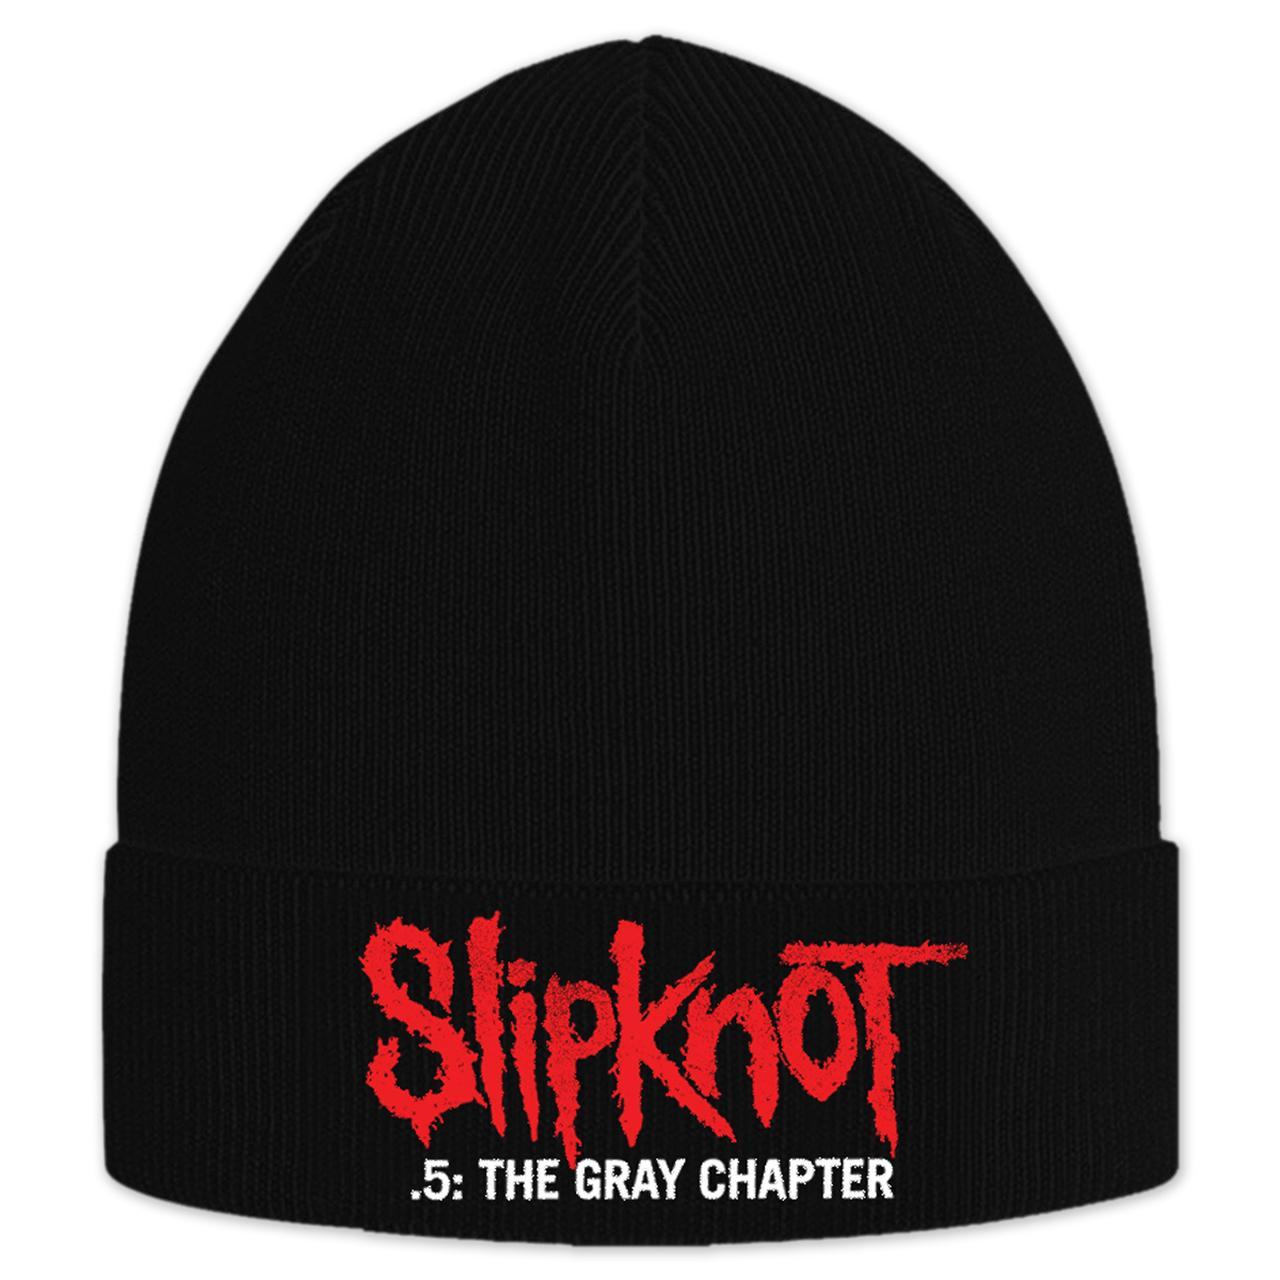 Slipknot The Gray Chapter Beanie 673e90b8e14